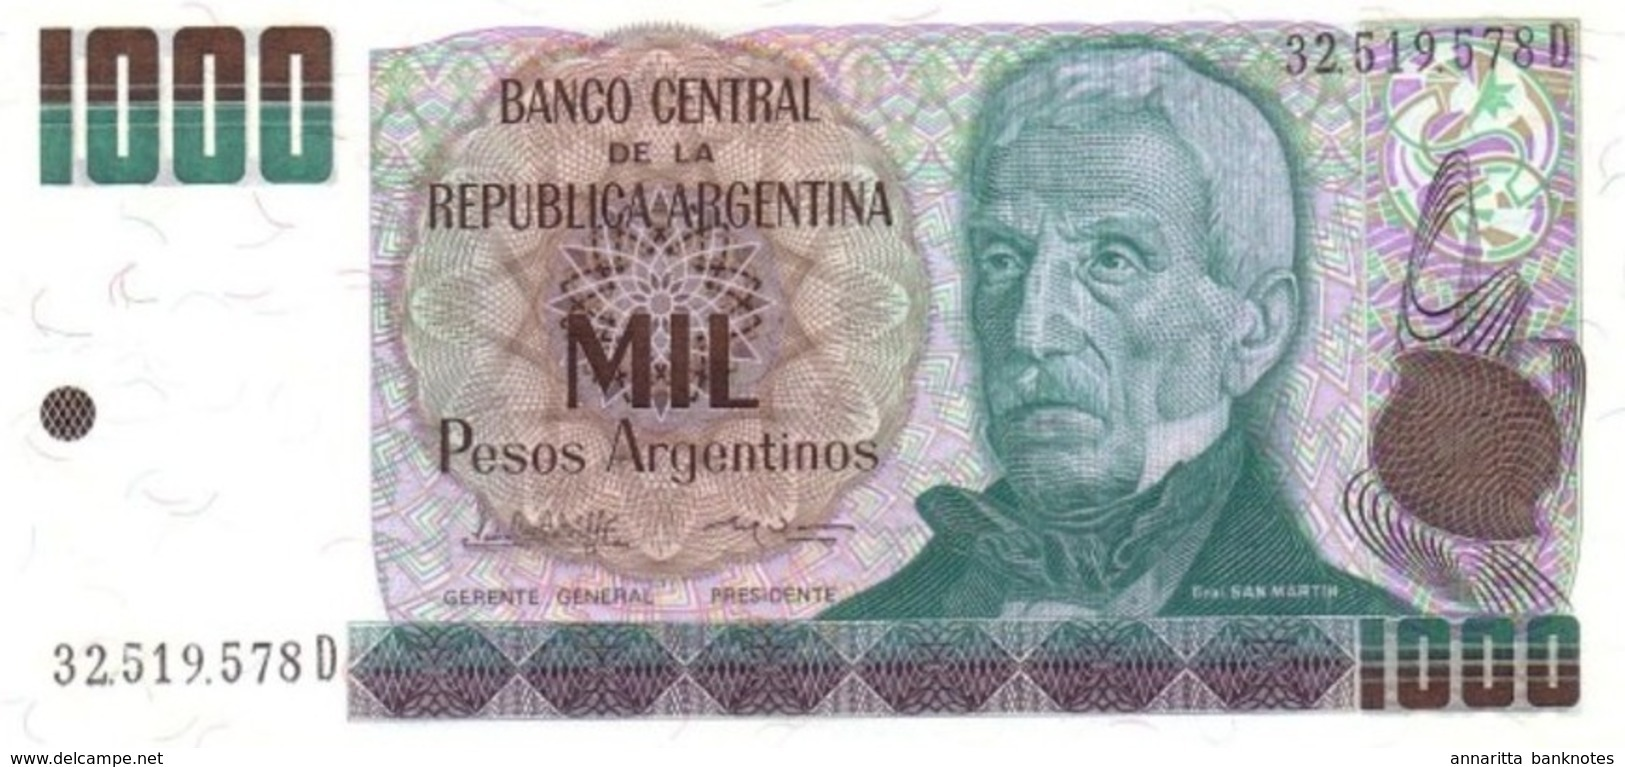 ARGENTINE 1000 PESOS ARGENTINOS 1985 P-317b UNC SIGN. LOPEZ & VAZQUEZ [AR317b] - Argentinië